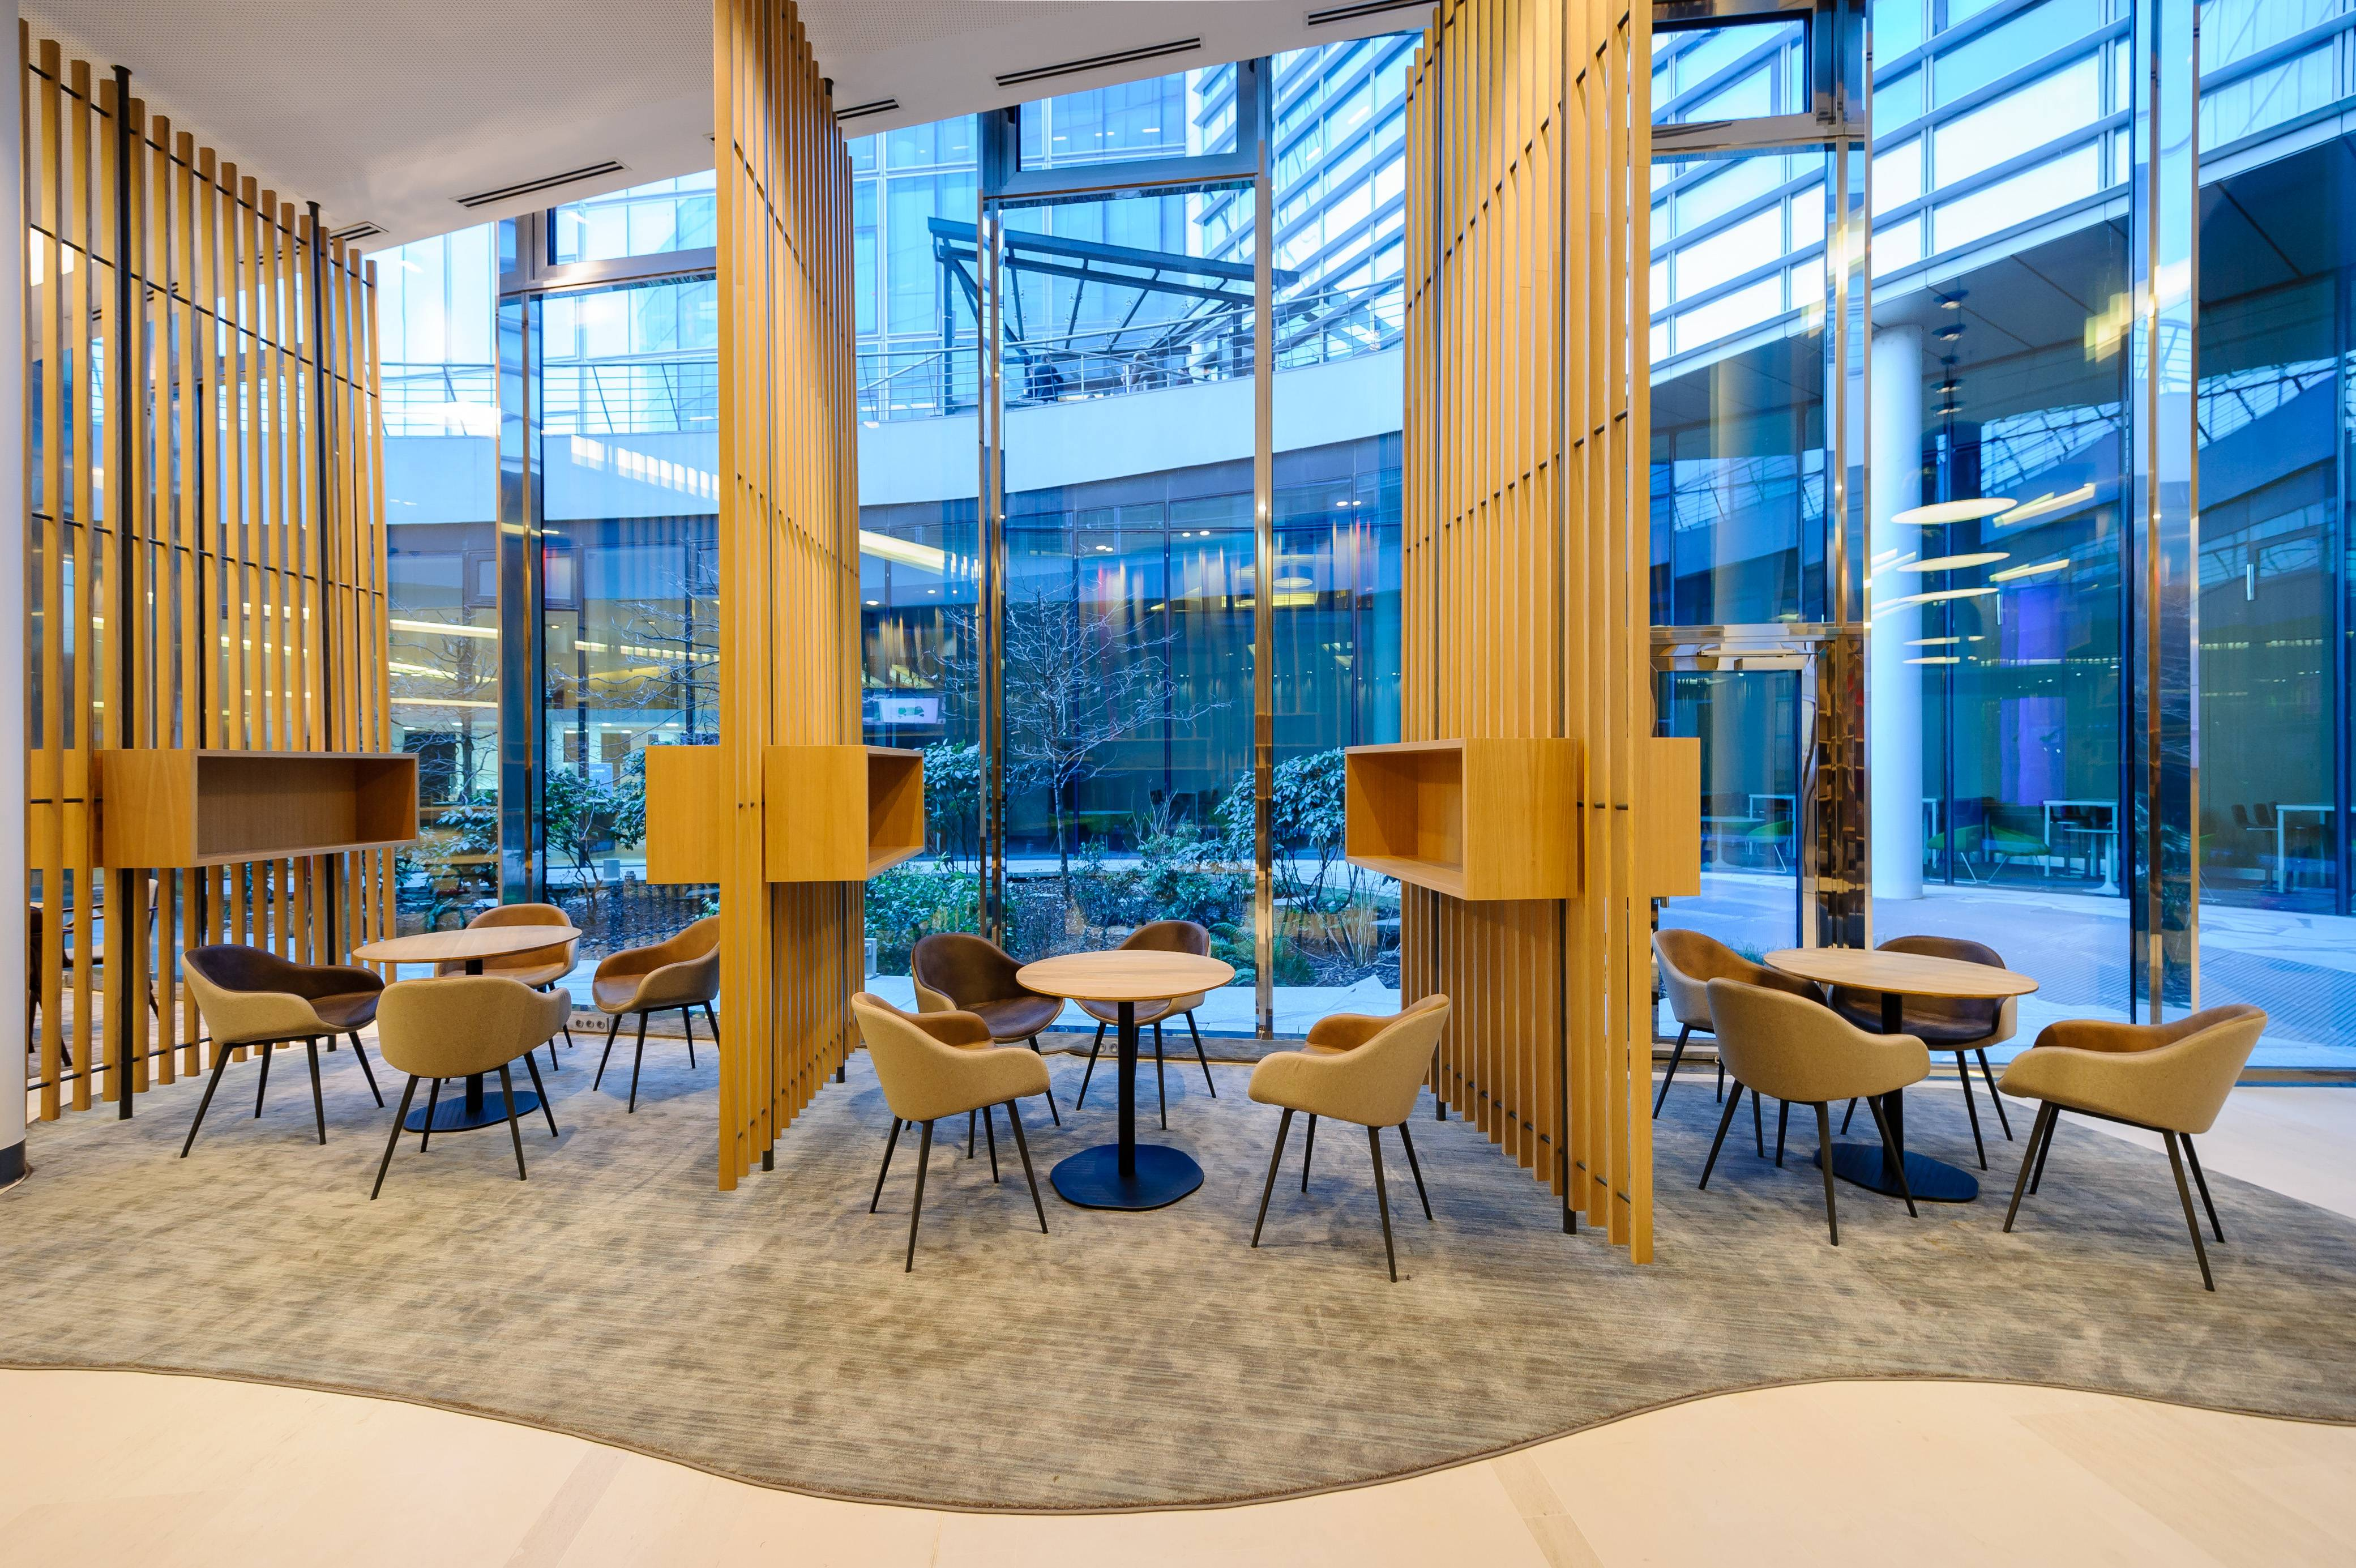 Espaces de travail innovants bienvenue dans l 39 re du for Espace de travail collaboratif